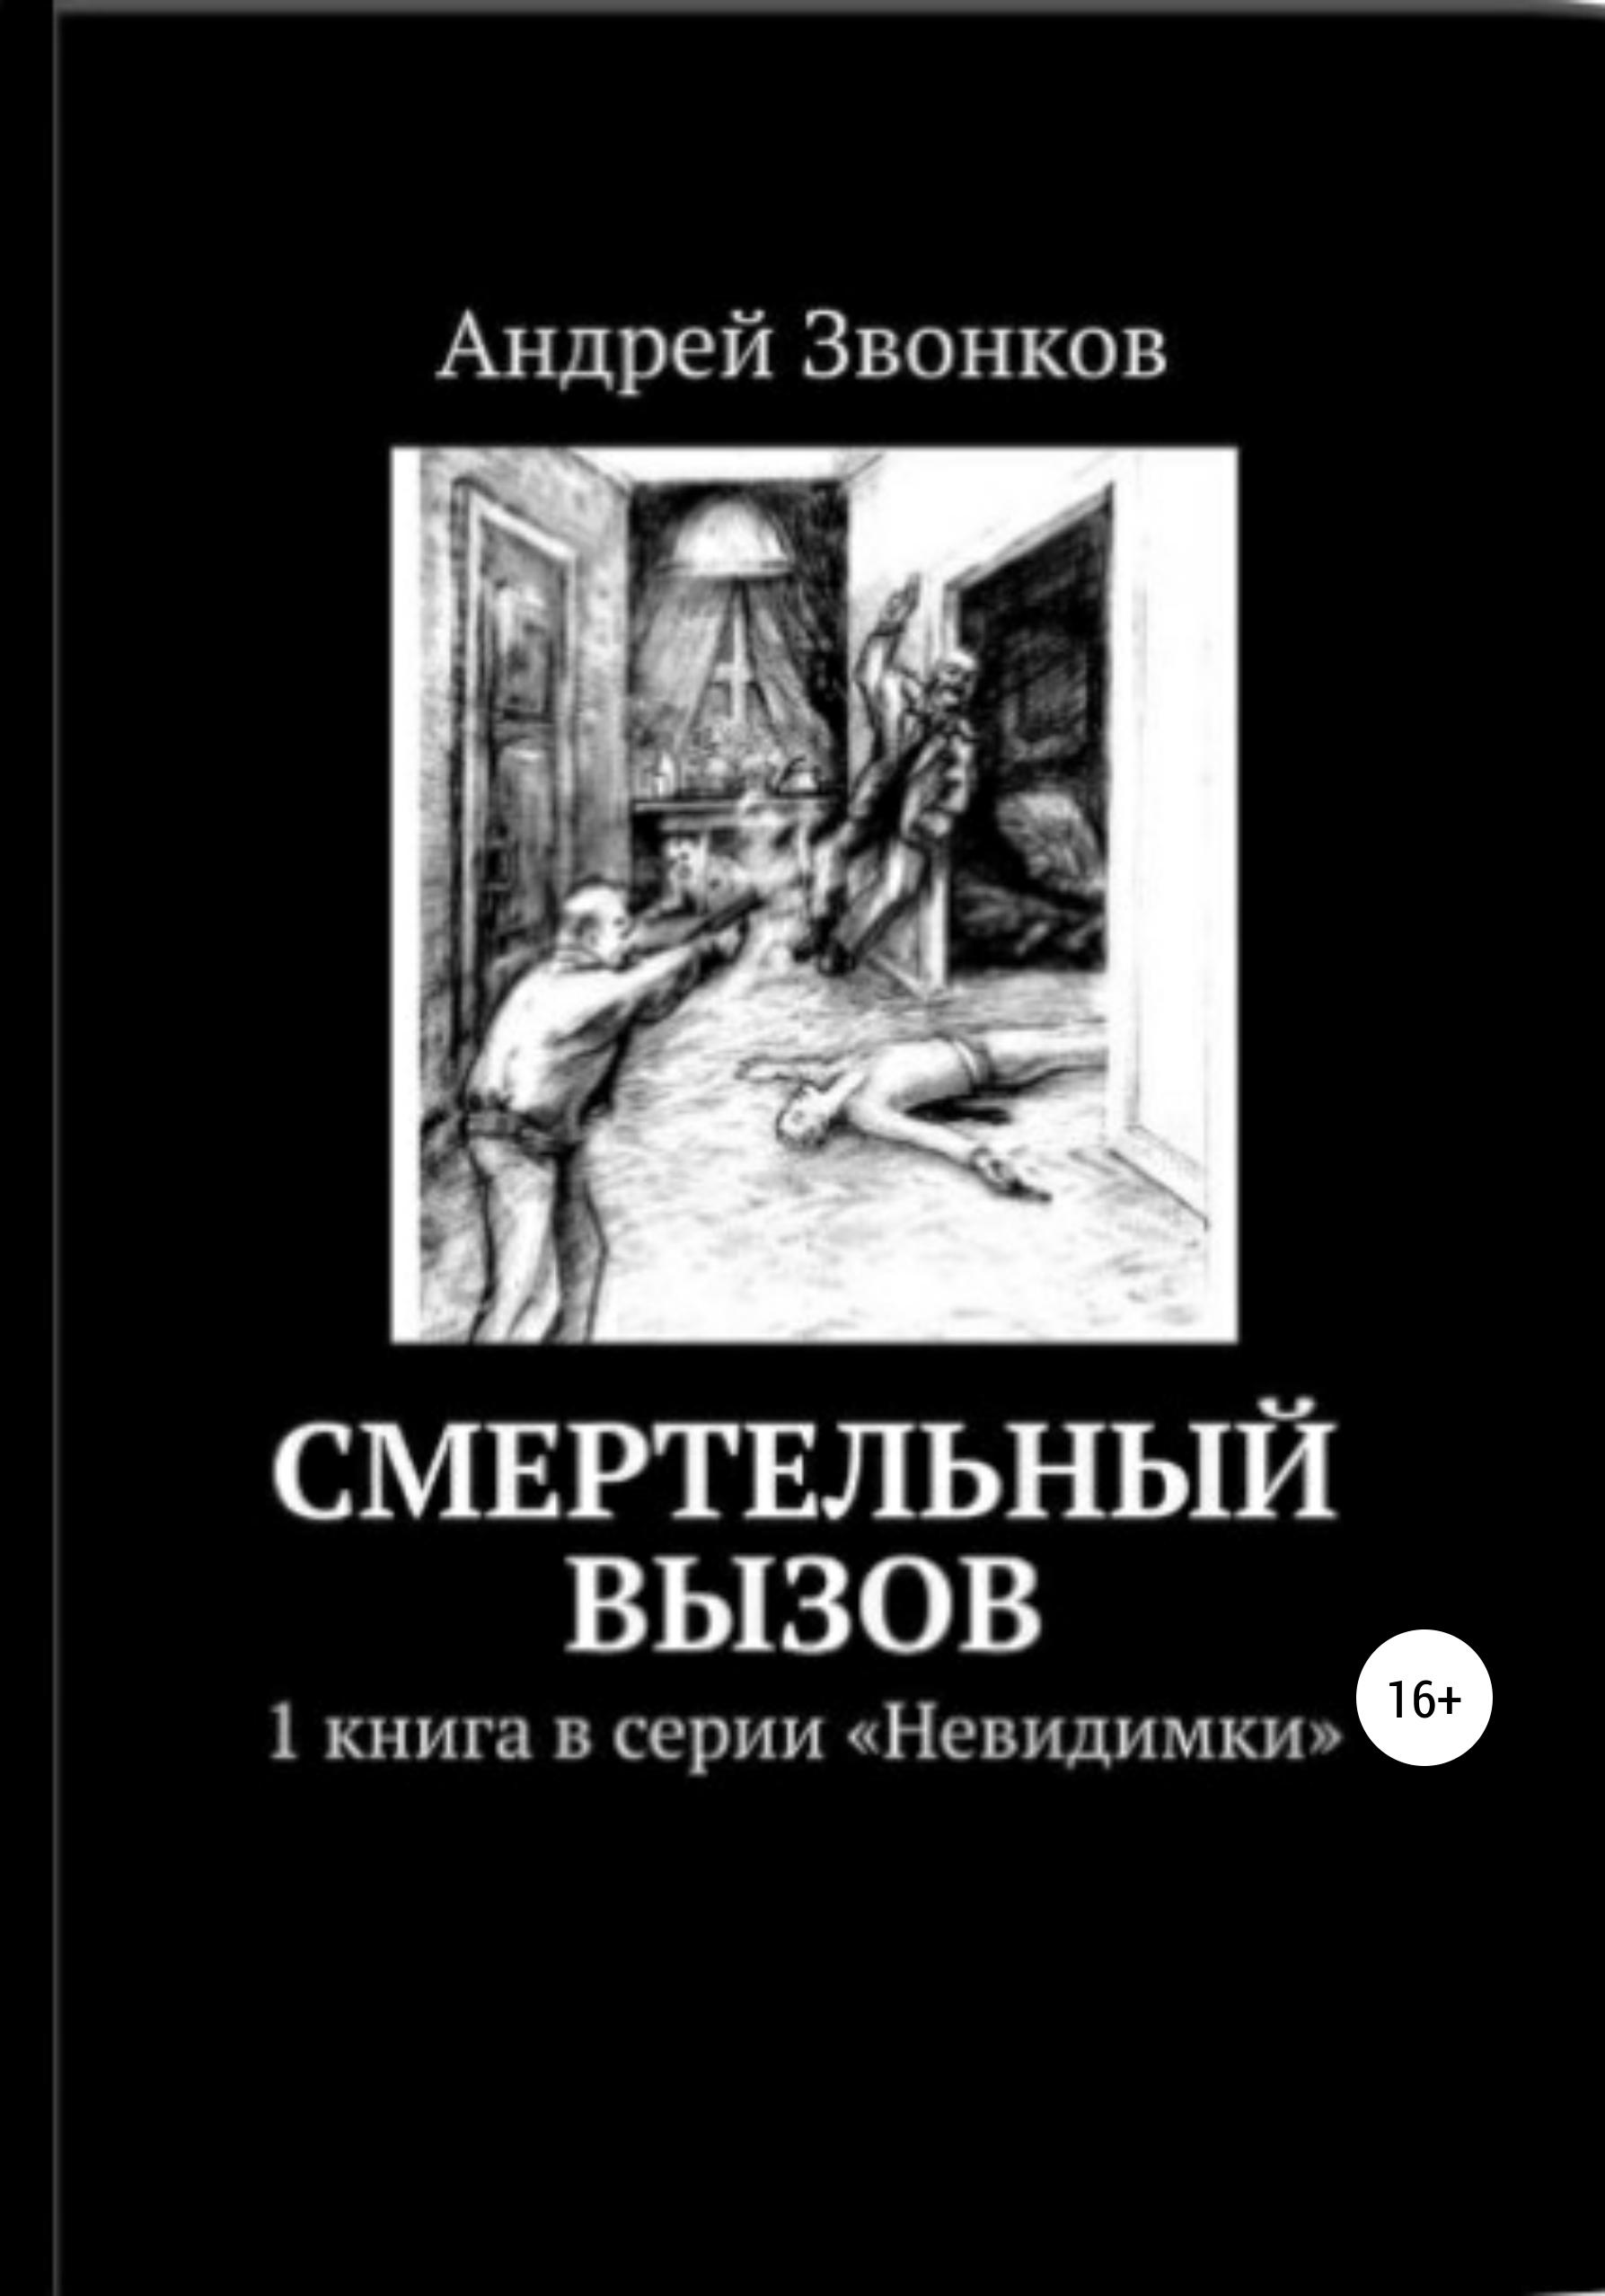 Андрей Звонков - Смертельный вызов